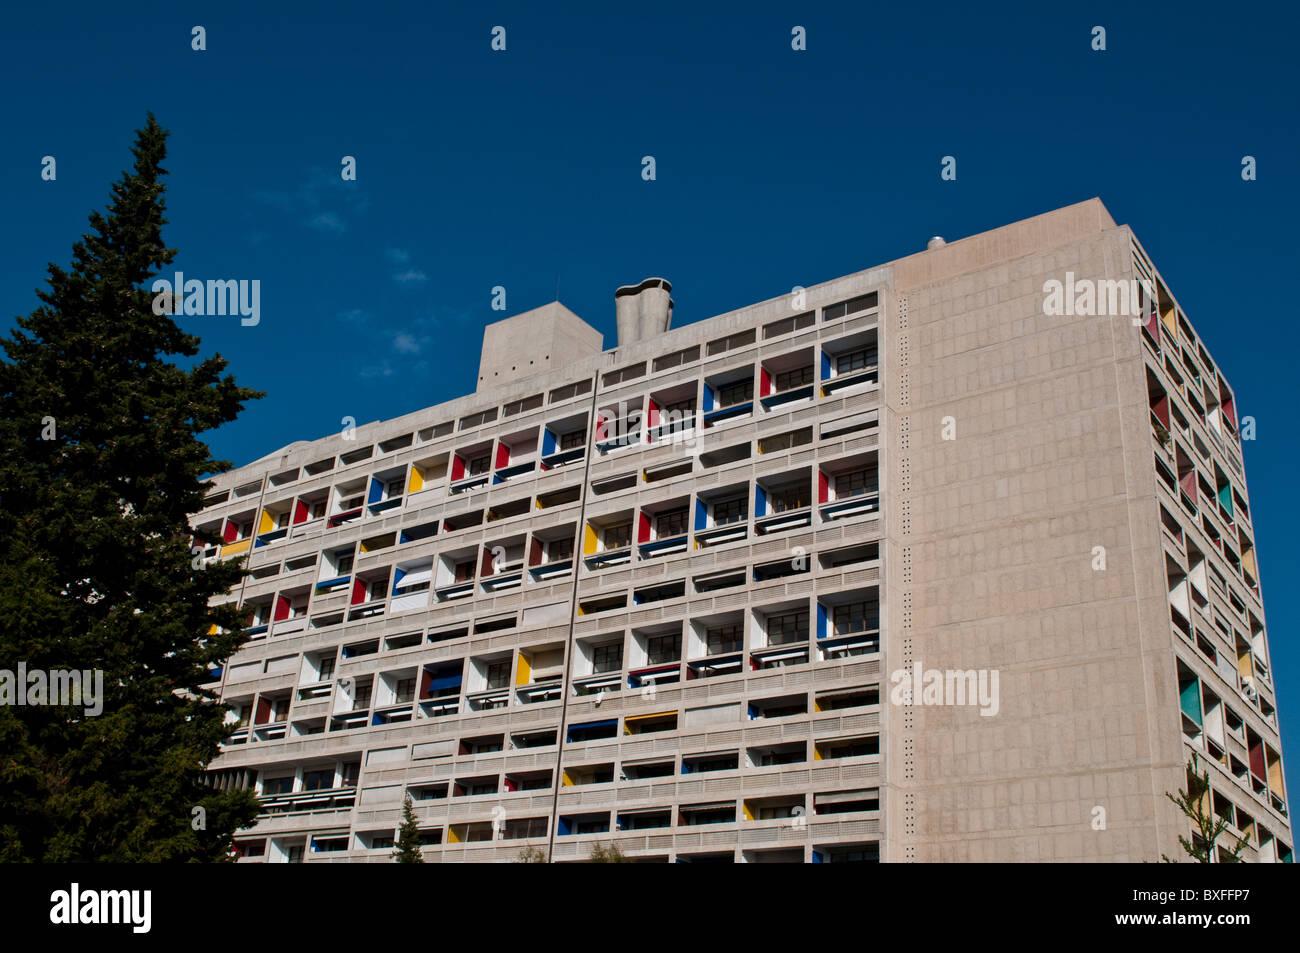 Le Corbusier Unite D Habitation le corbusier apartments stock photos & le corbusier